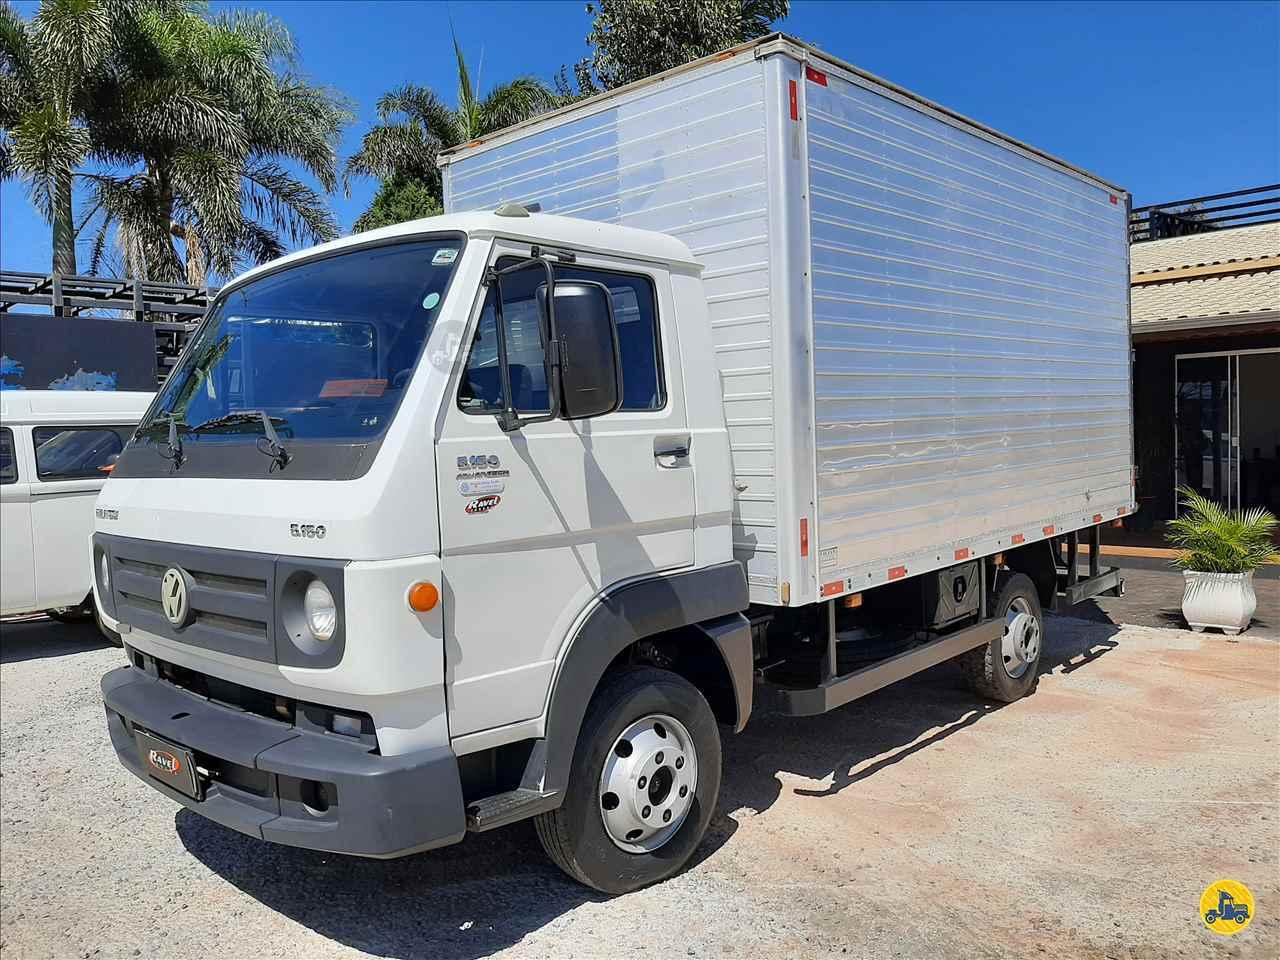 CAMINHAO VOLKSWAGEN VW 5150 Baú Furgão 3/4 4x2 Ravel Trucks CRAVINHOS SÃO PAULO SP